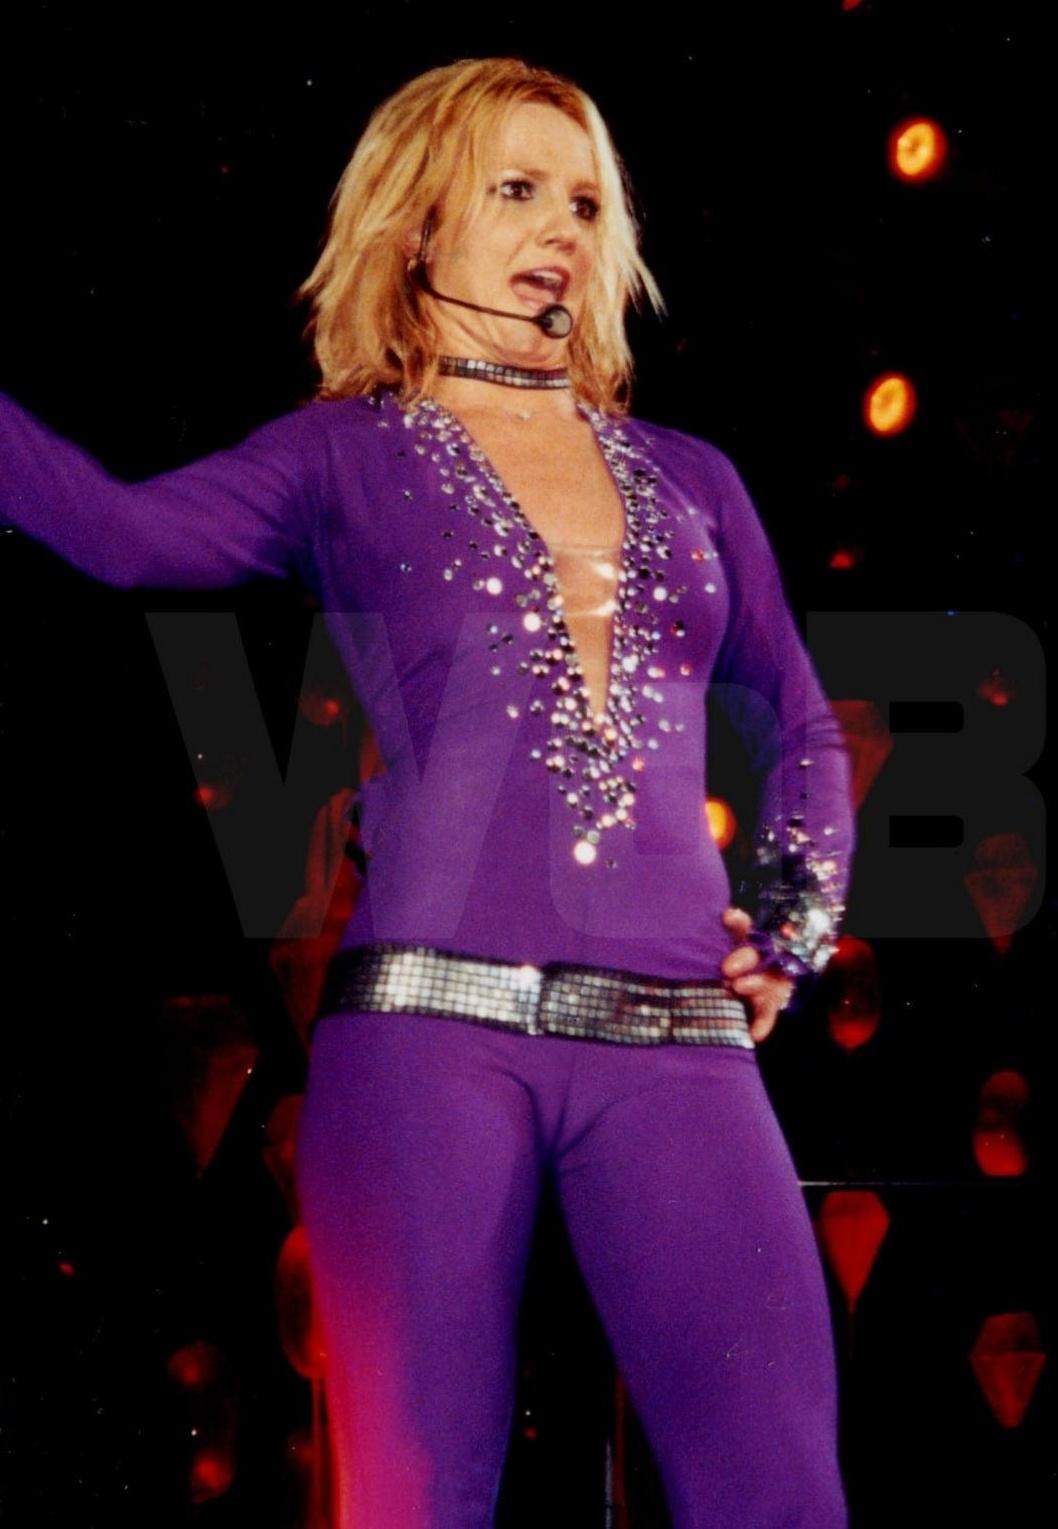 01144_Britney_Spears_023_123_200lo.jpg